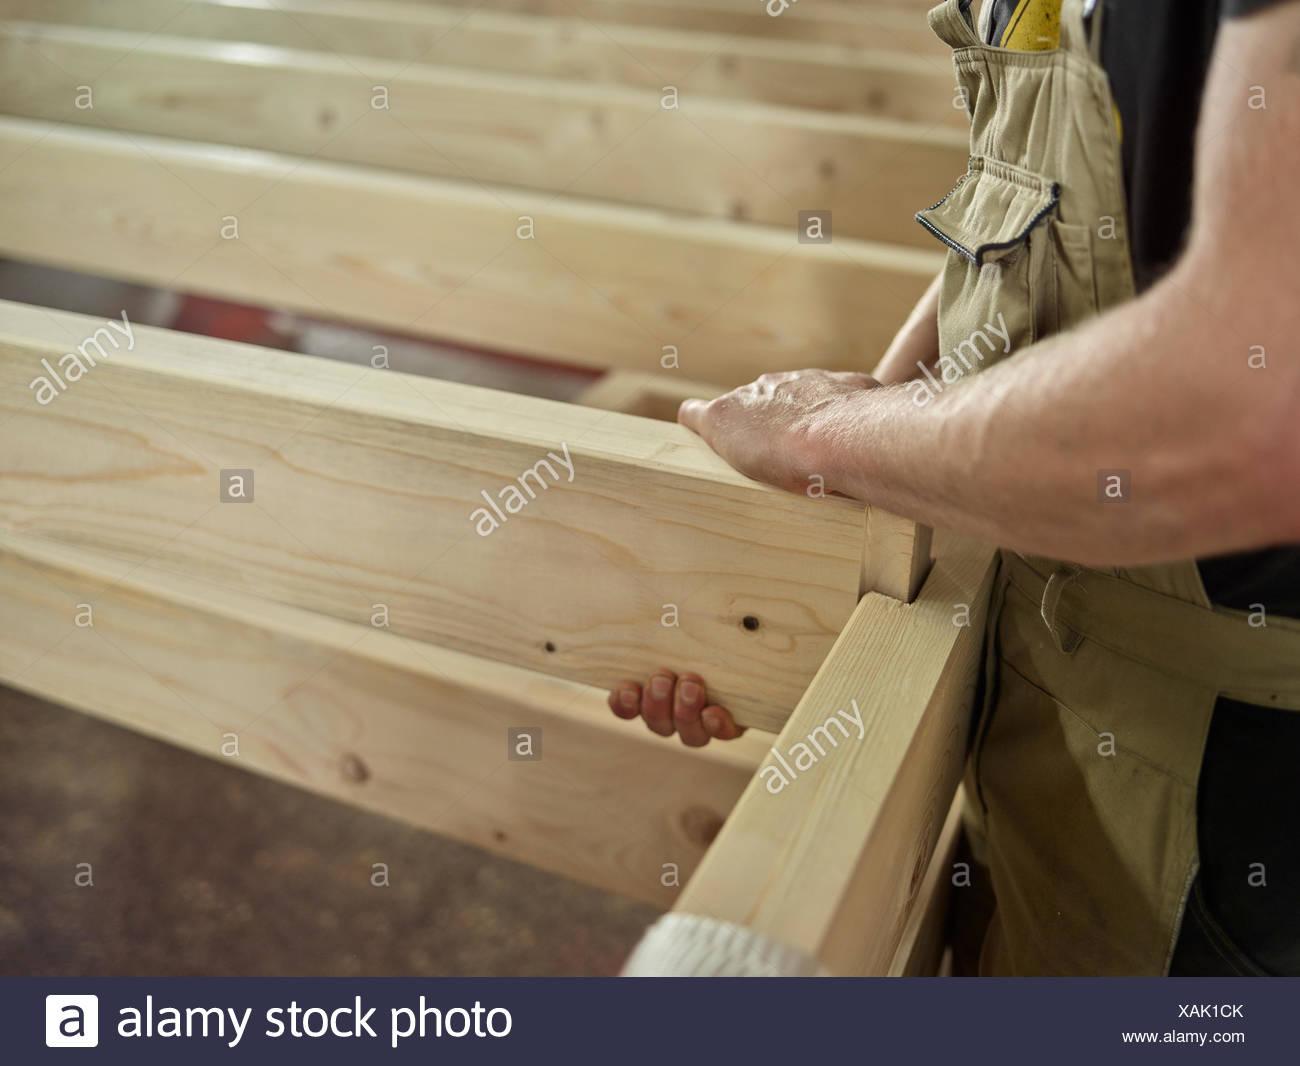 Las manos del hombre conectar dos vigas de madera con ranura y lengüeta de conexión de una construcción de madera, Austria Foto de stock